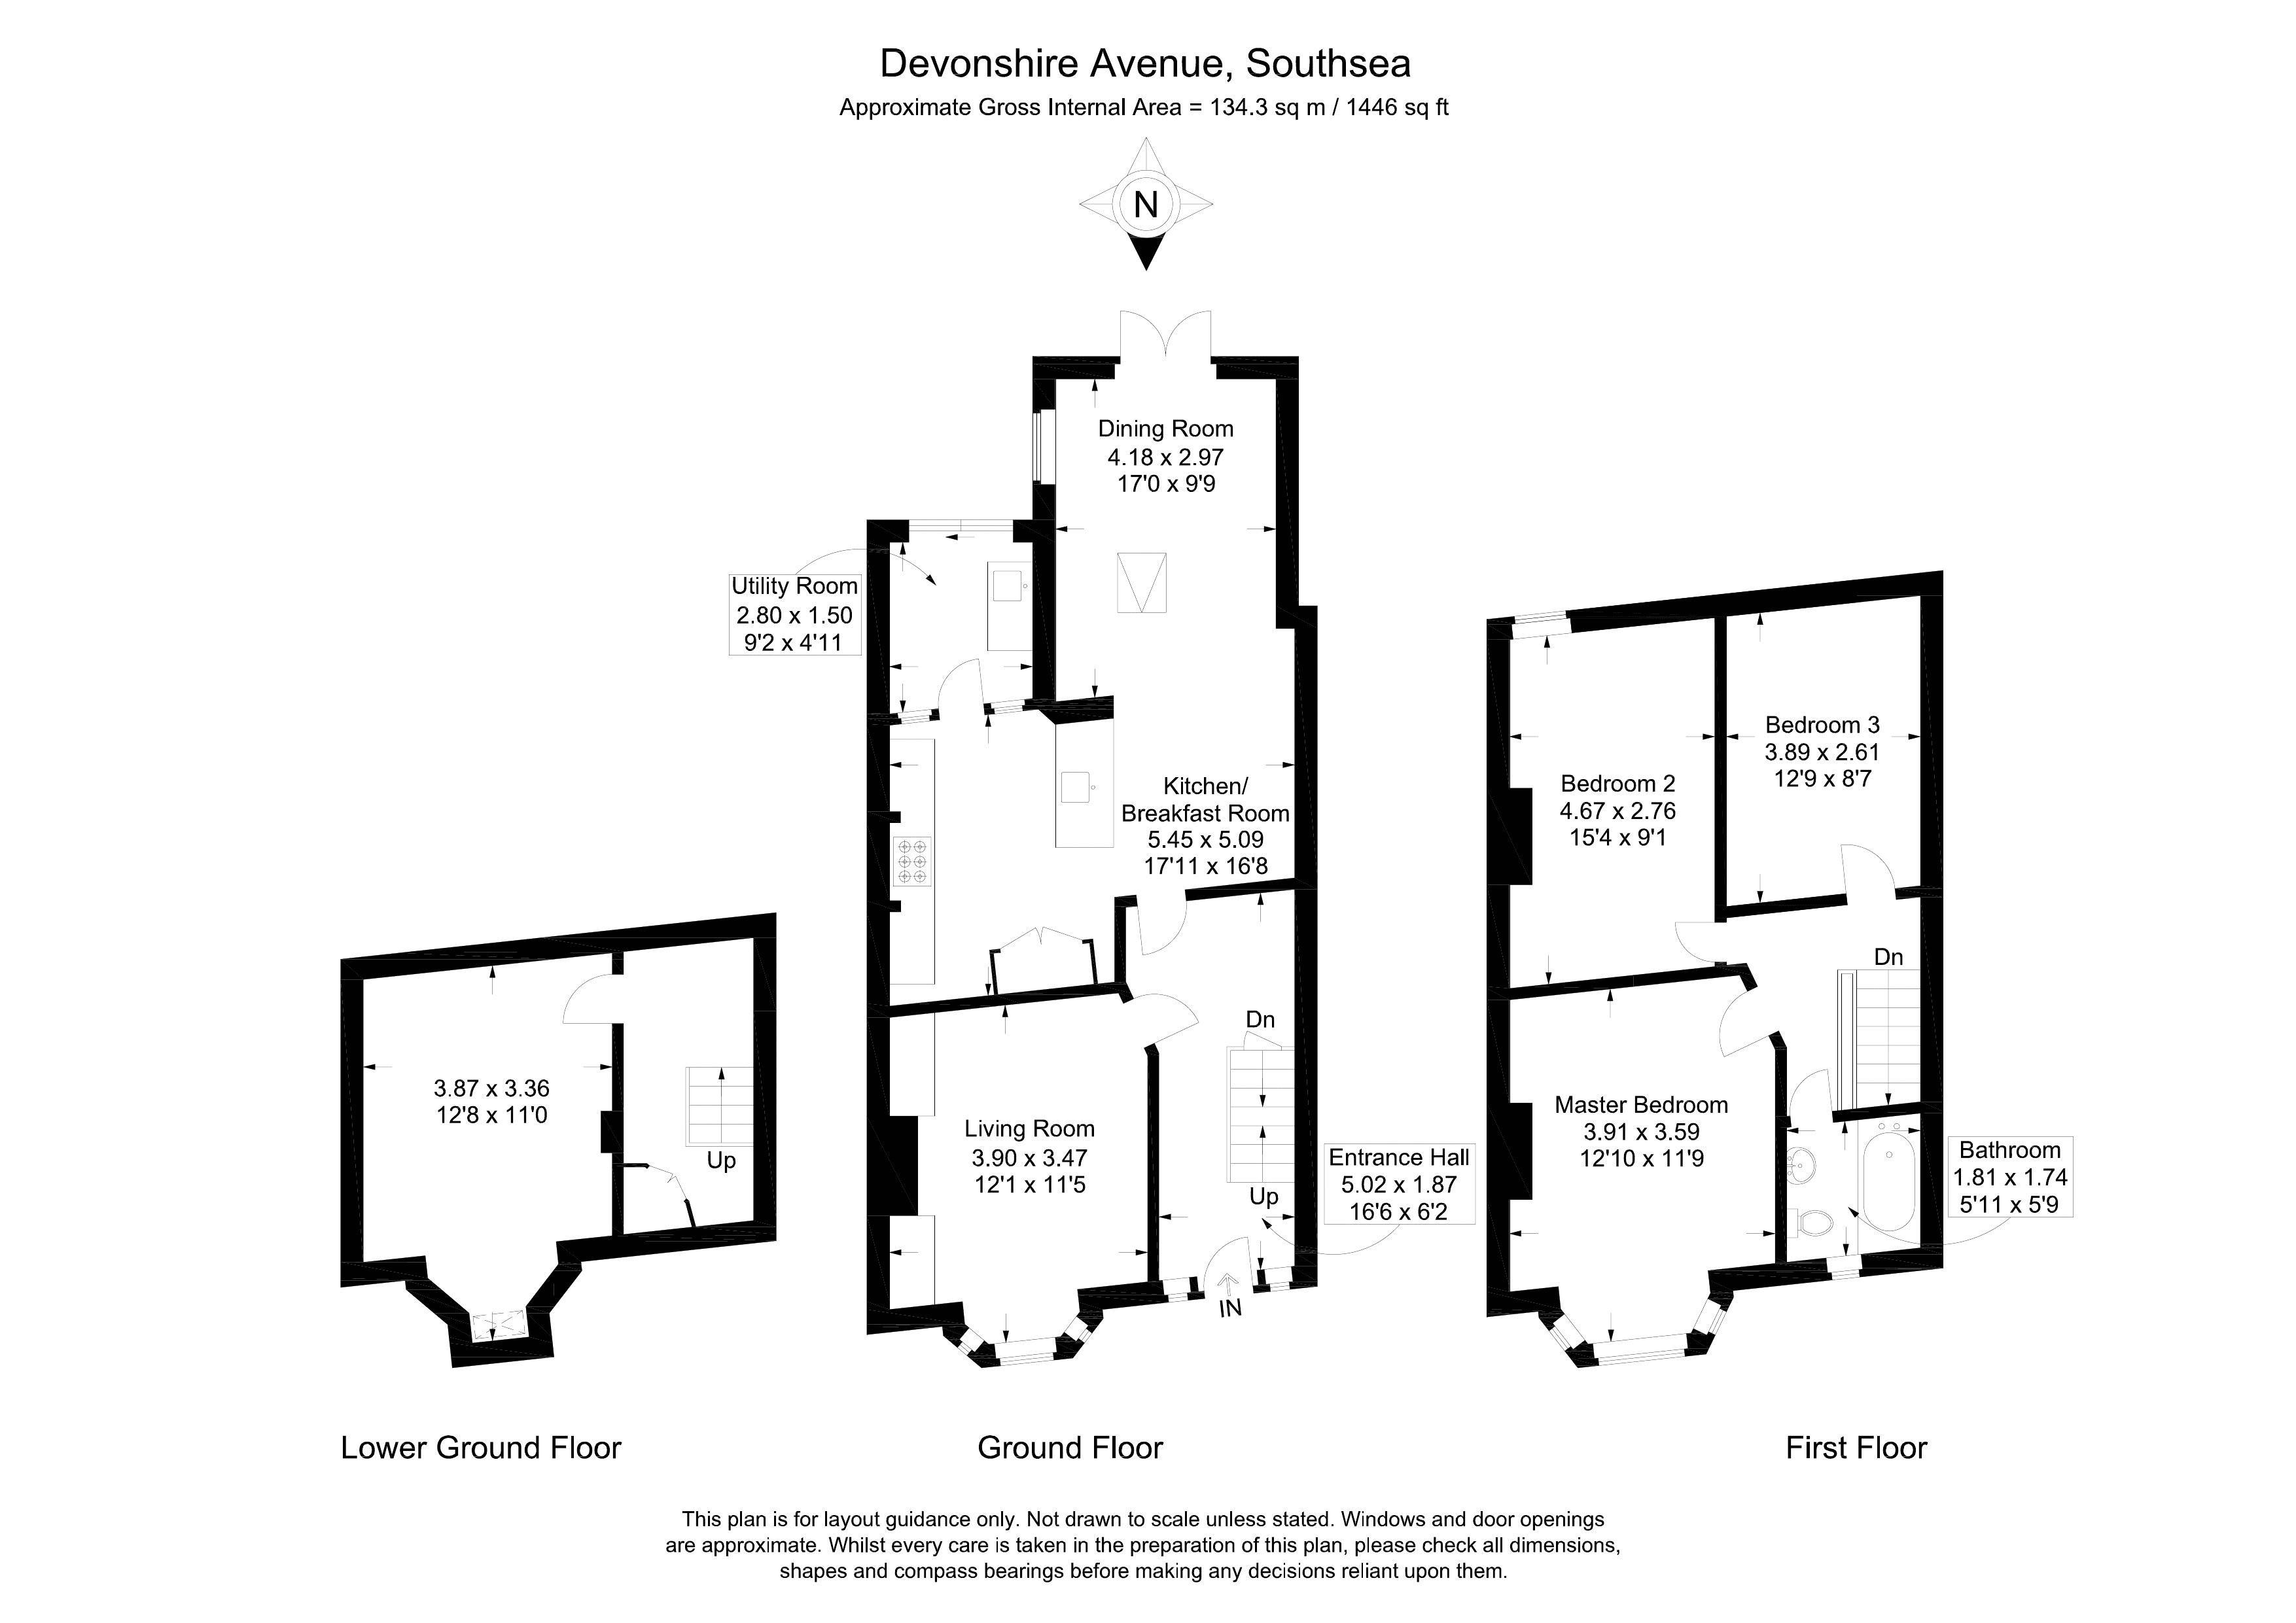 Devonshire Avenue